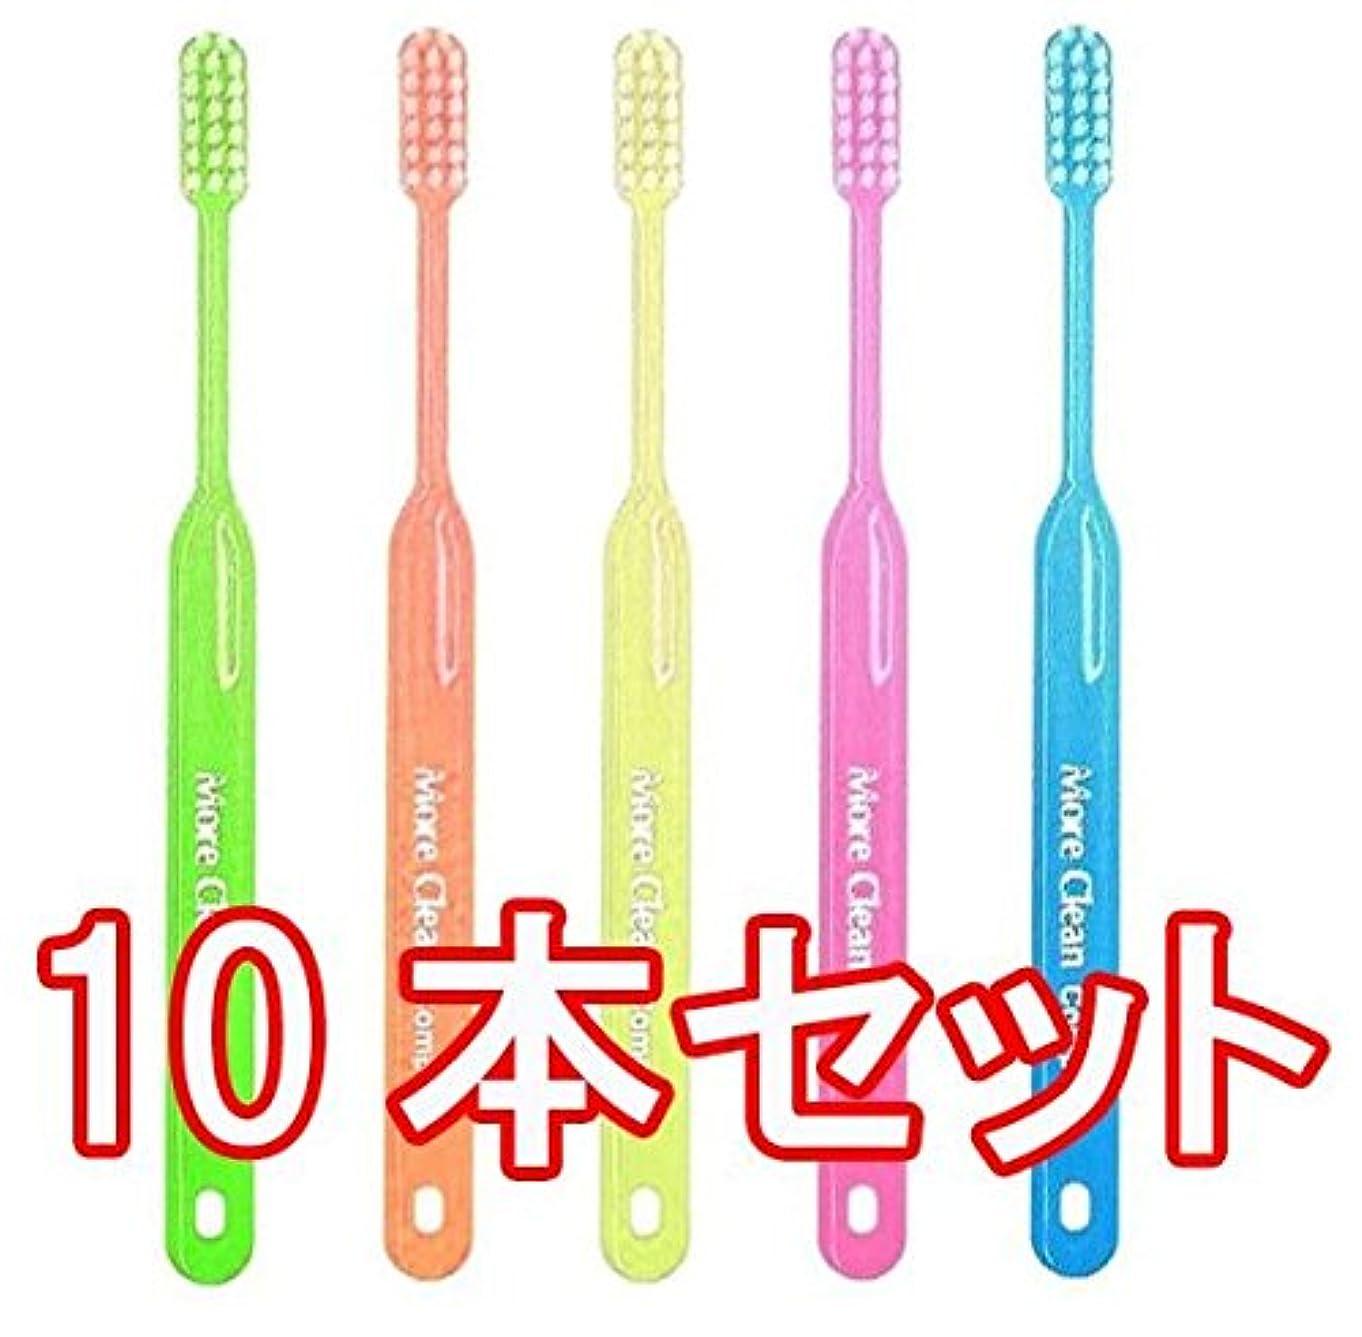 恒久的似ている温かいウィルデント モアクリーン 歯ブラシ コンパクト 10本入